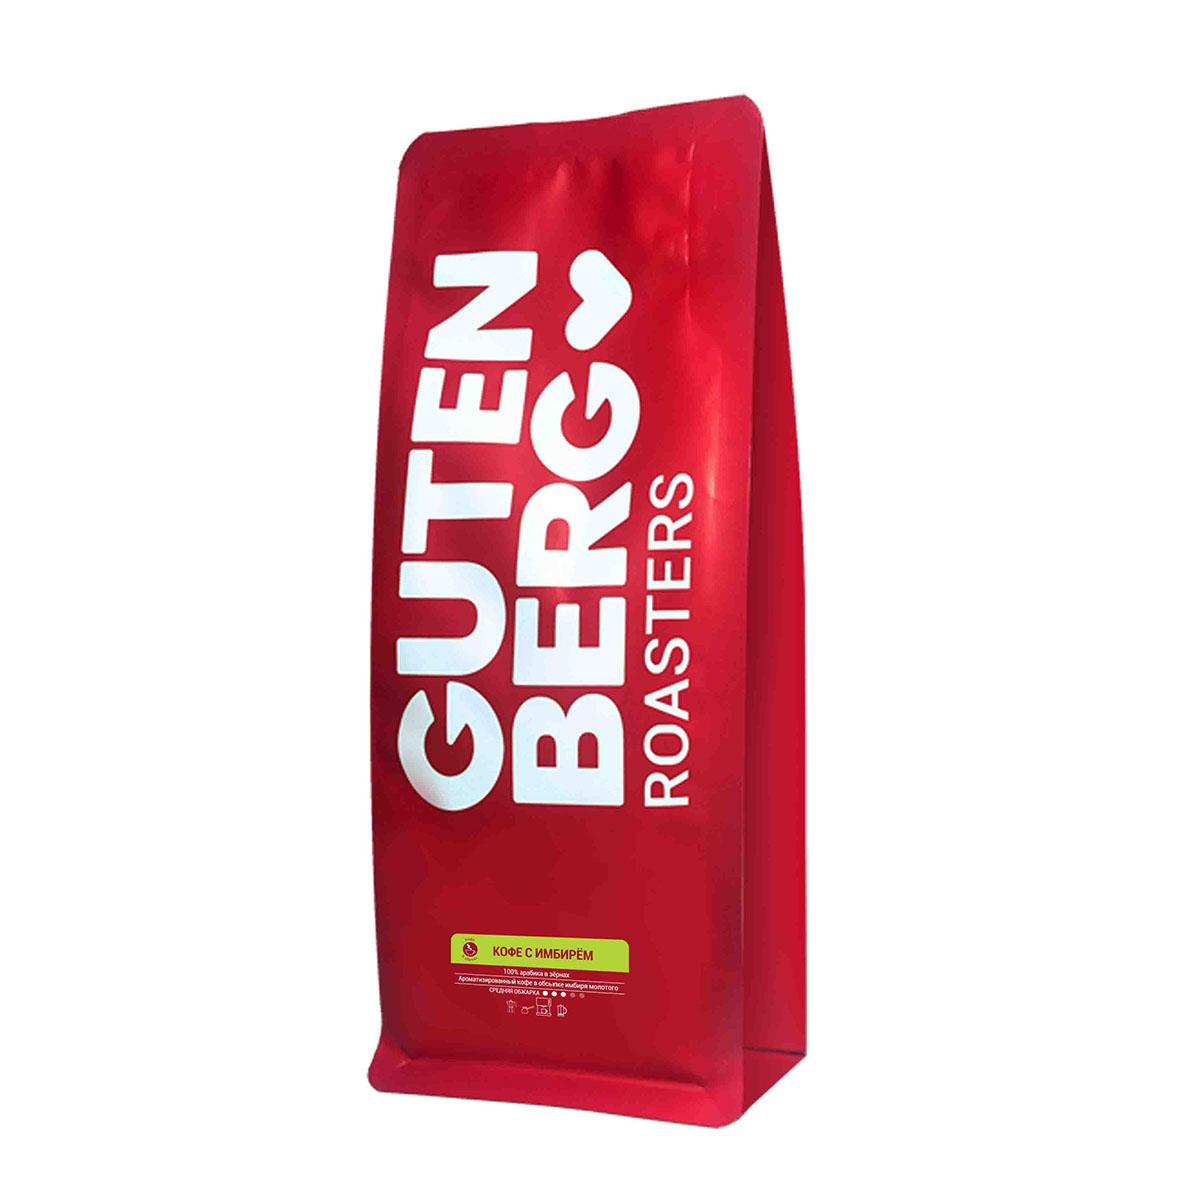 Кофе в зернах в обсыпке из имбиря, уп. 1 кг